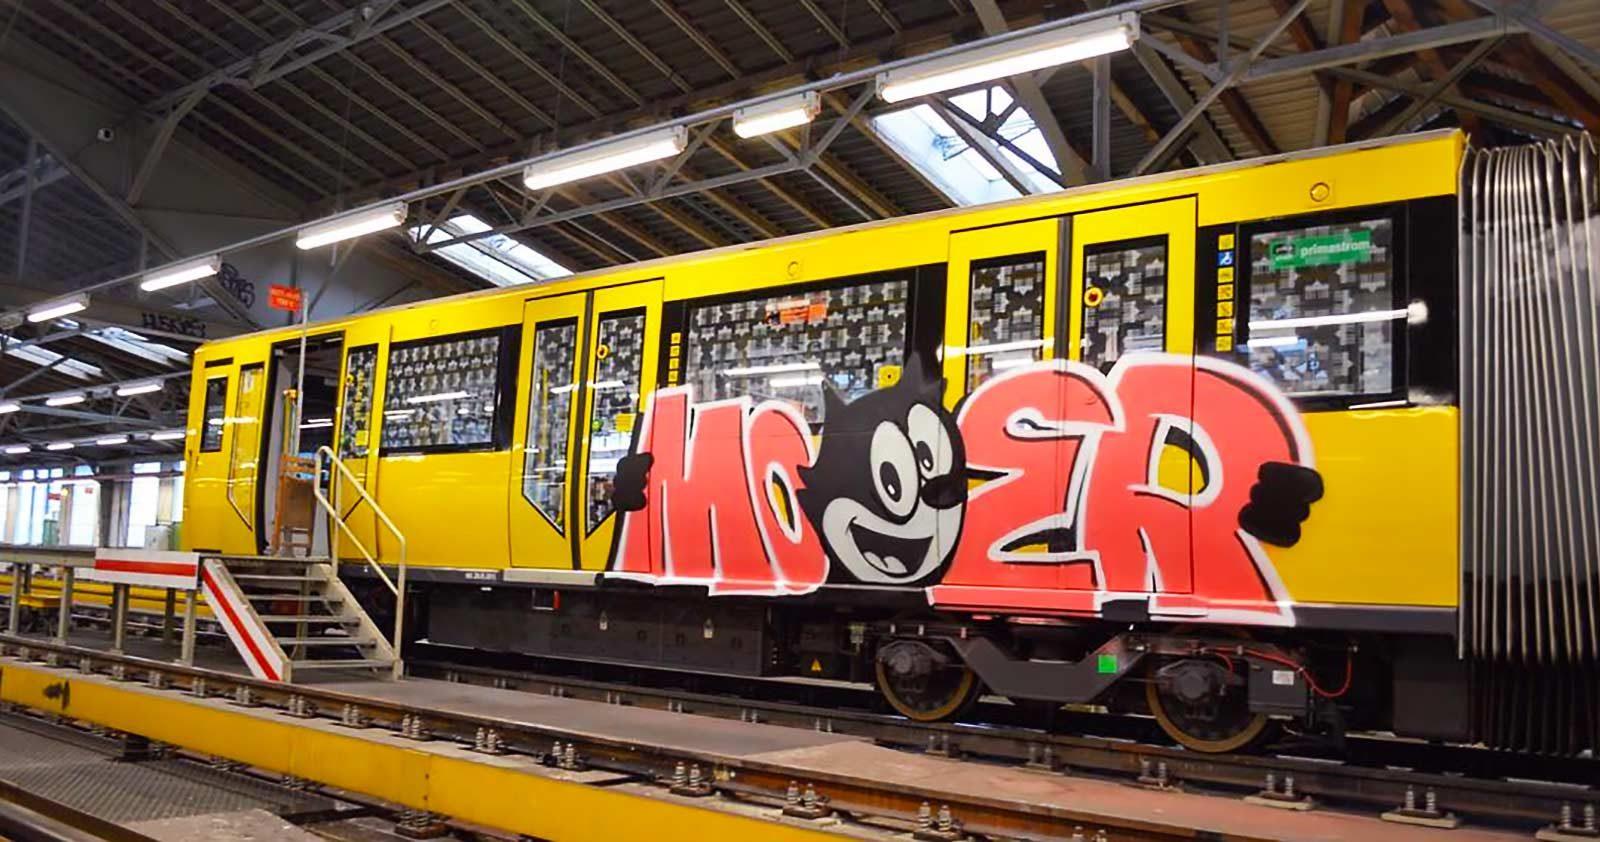 La folle histoire de Félix Le Chat, version graffiti